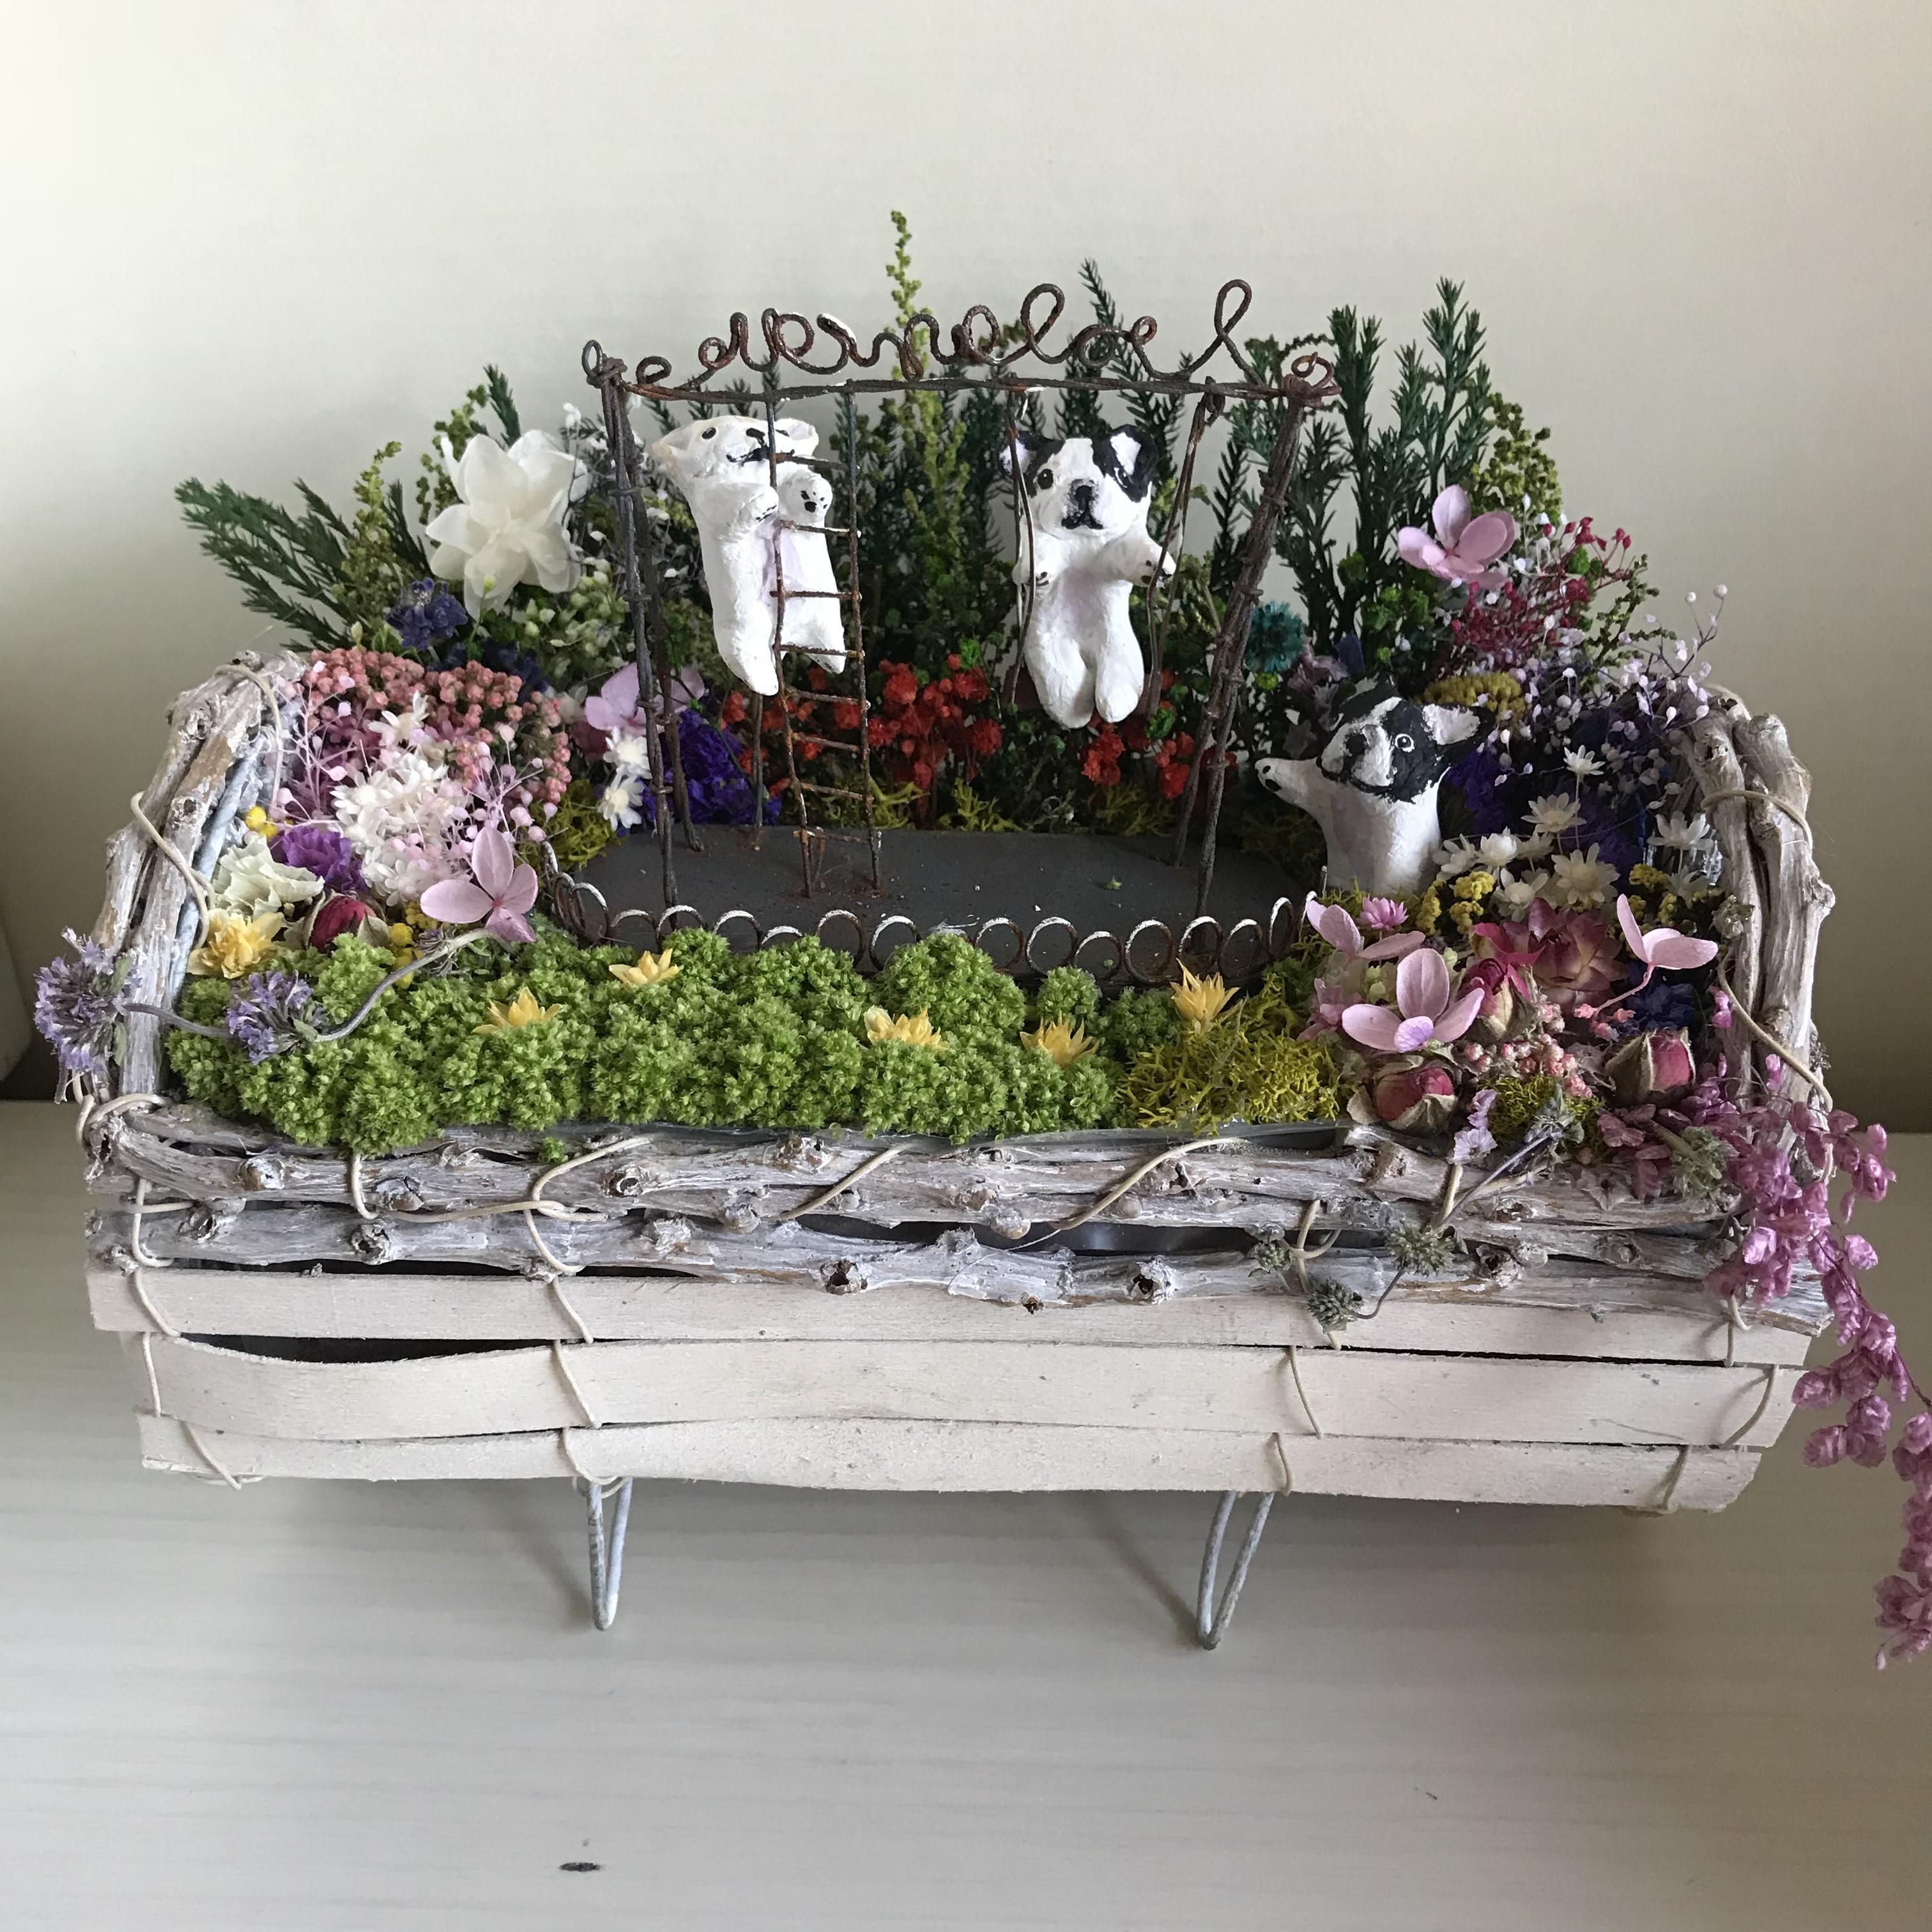 M様オーダー品(秘密の花園のブランコBUHI+絵本セット)M様のみご購入頂けます。